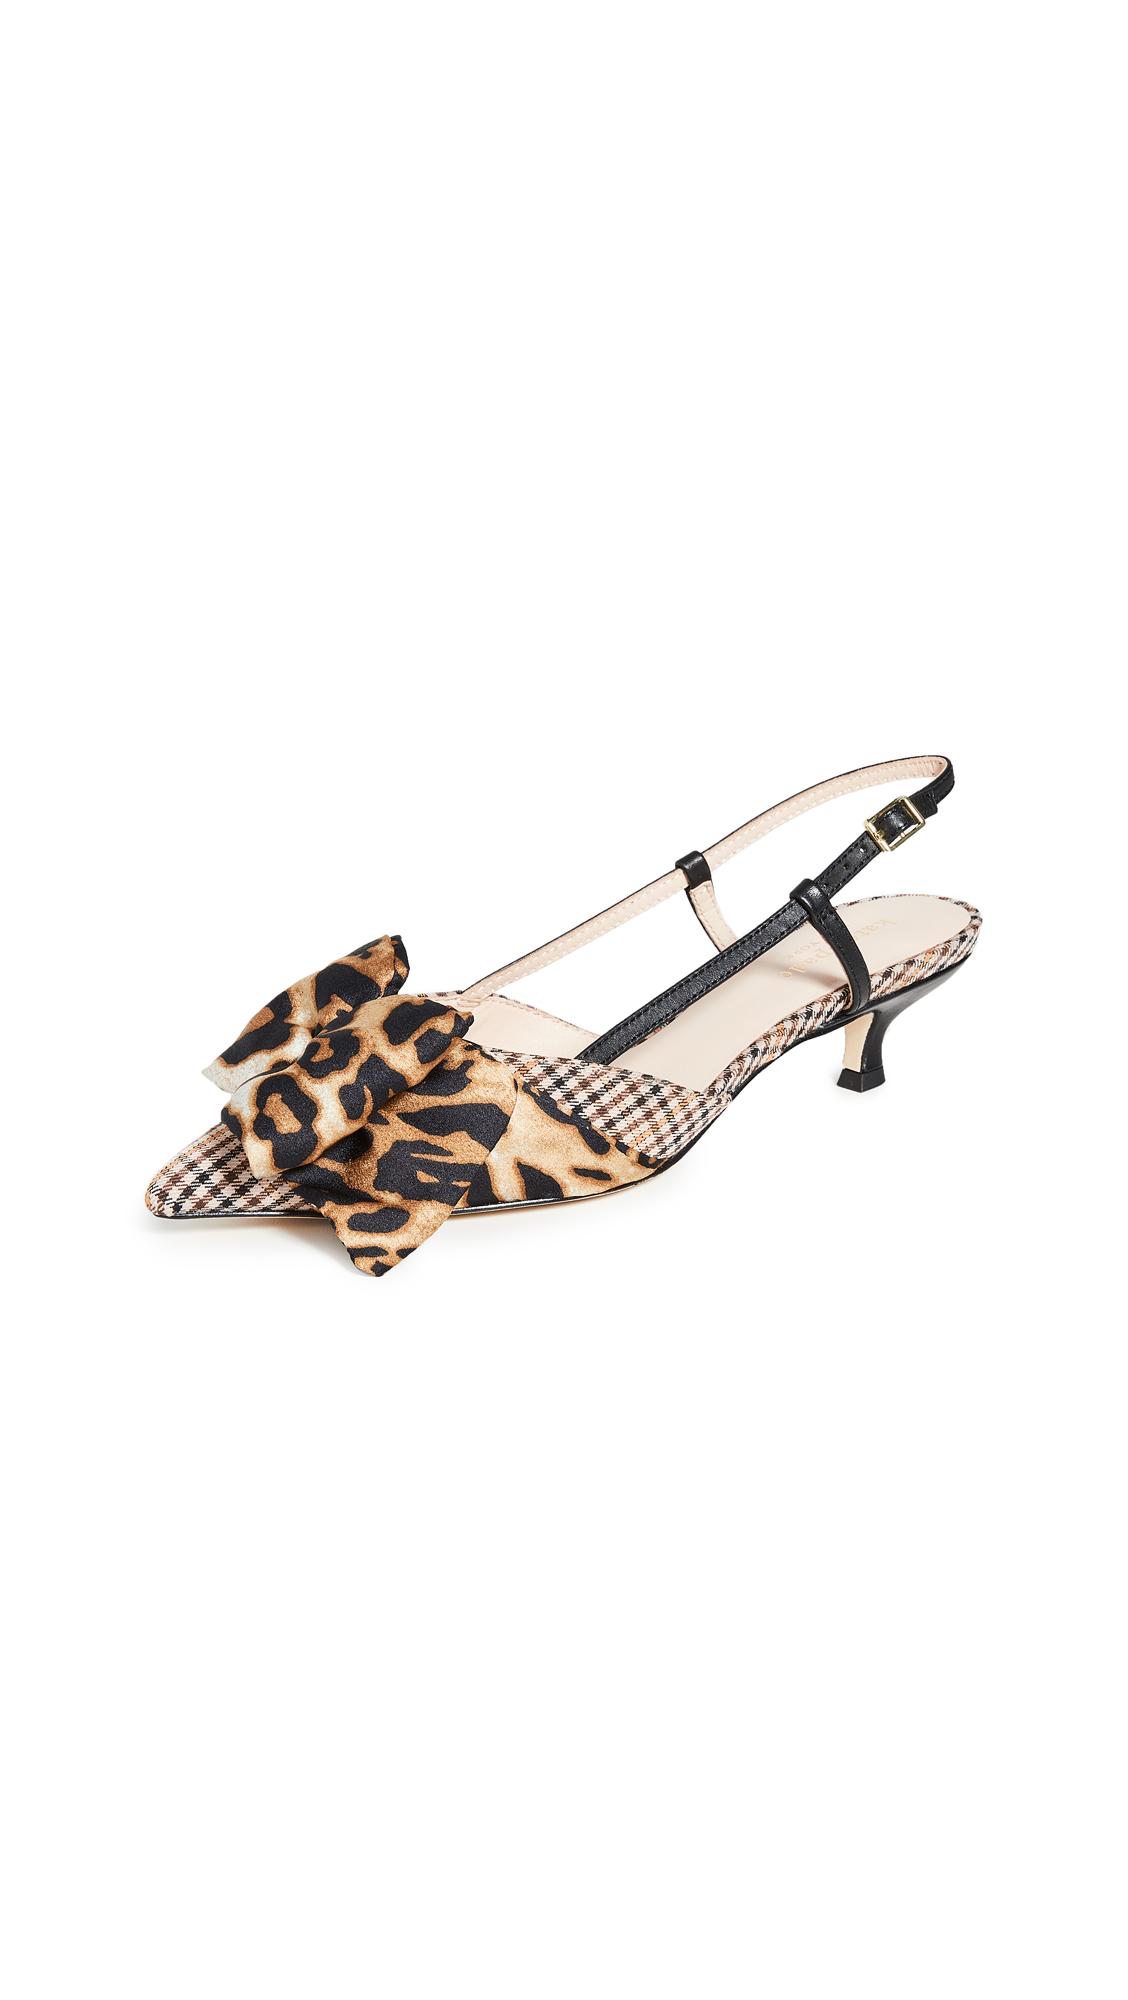 Kate Spade Daxton Slingback Pumps In Leopard